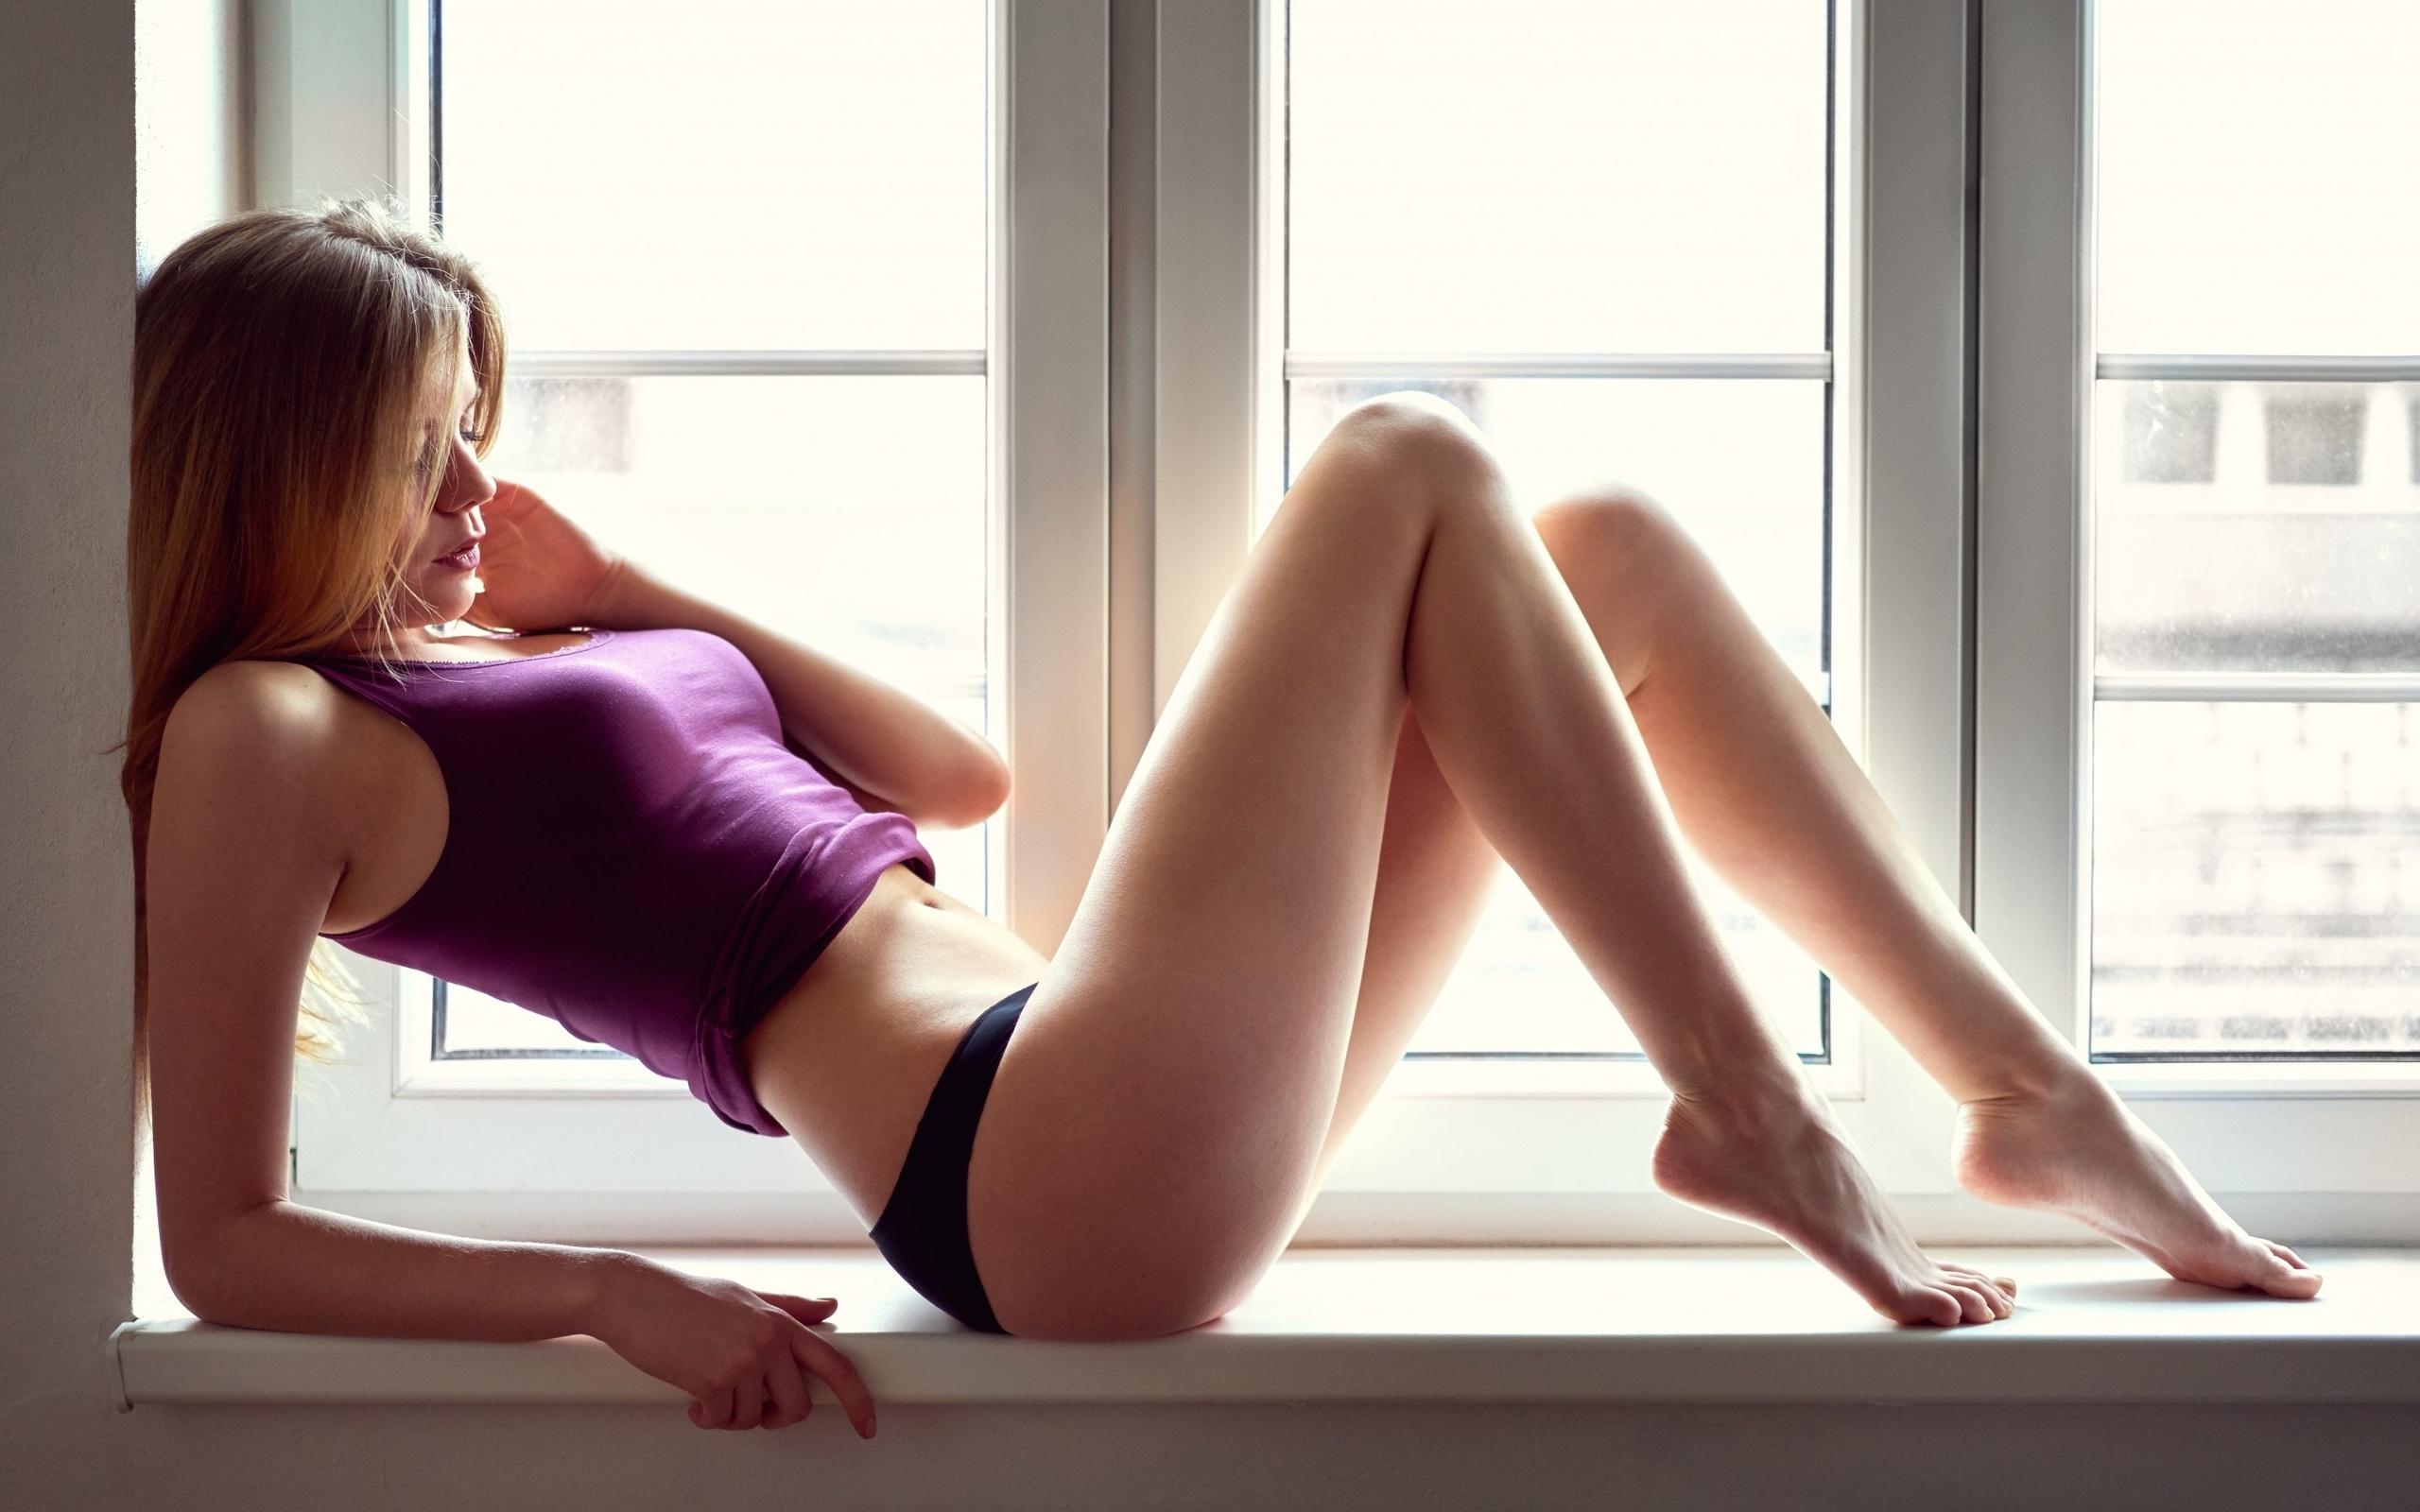 Прно девочки фото, Русская девочка показывает свою девственную щель 24 фотография